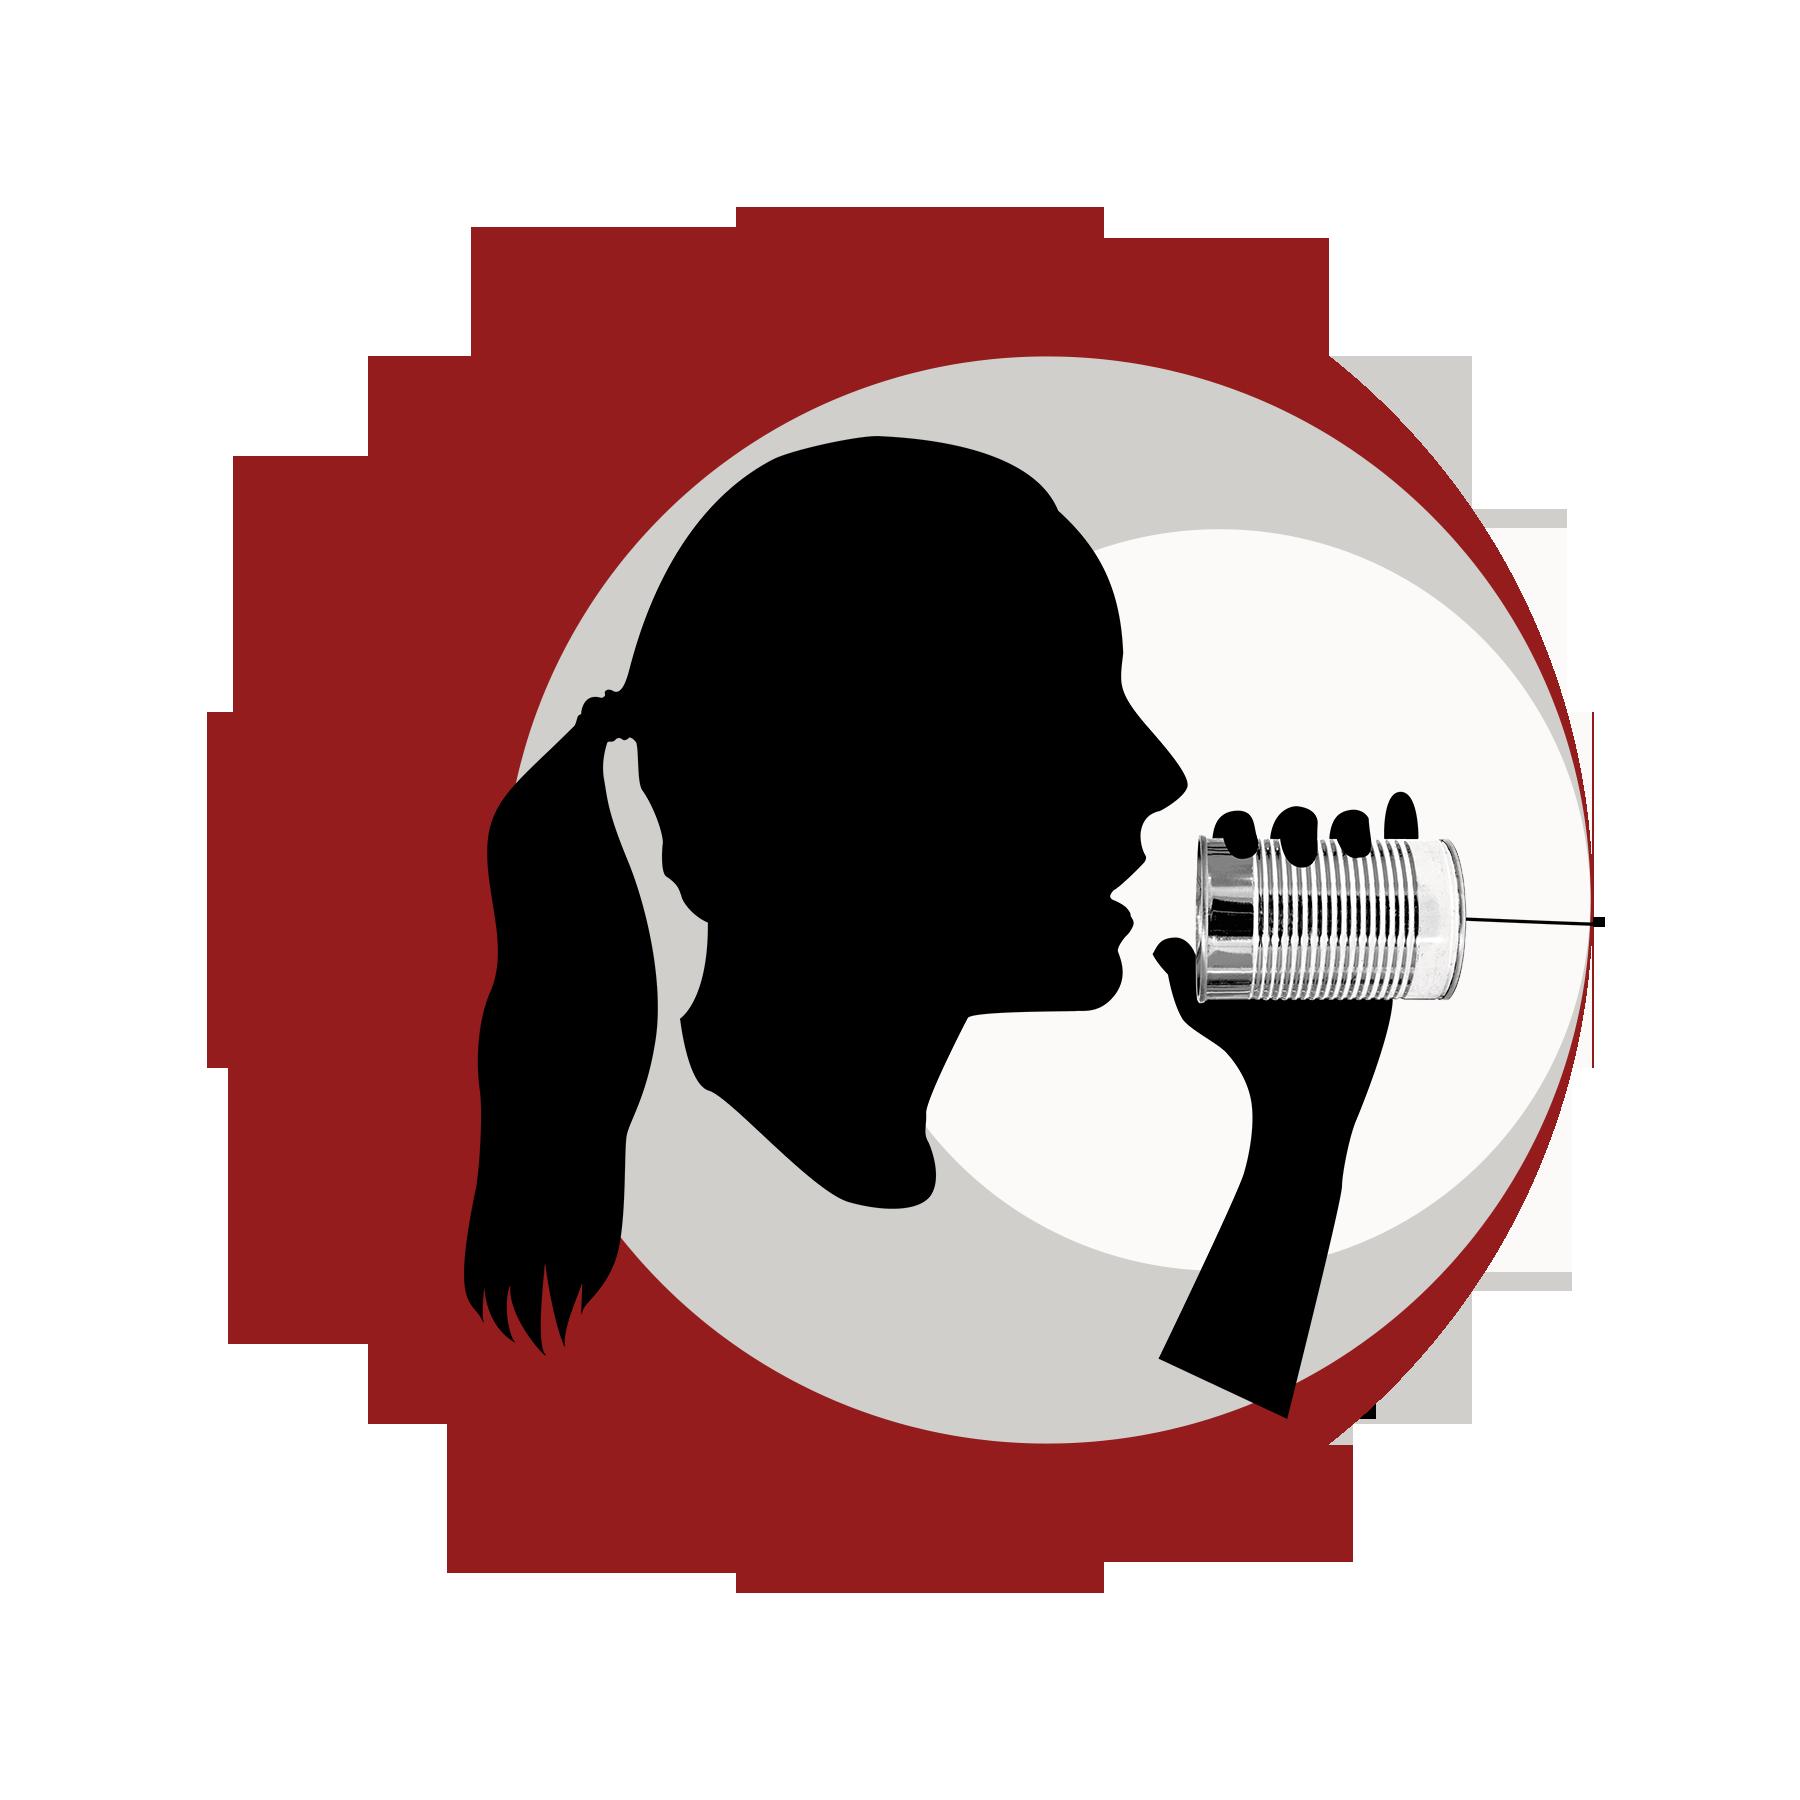 Silhouette Profil Frauenkopf hümmer kommunikation